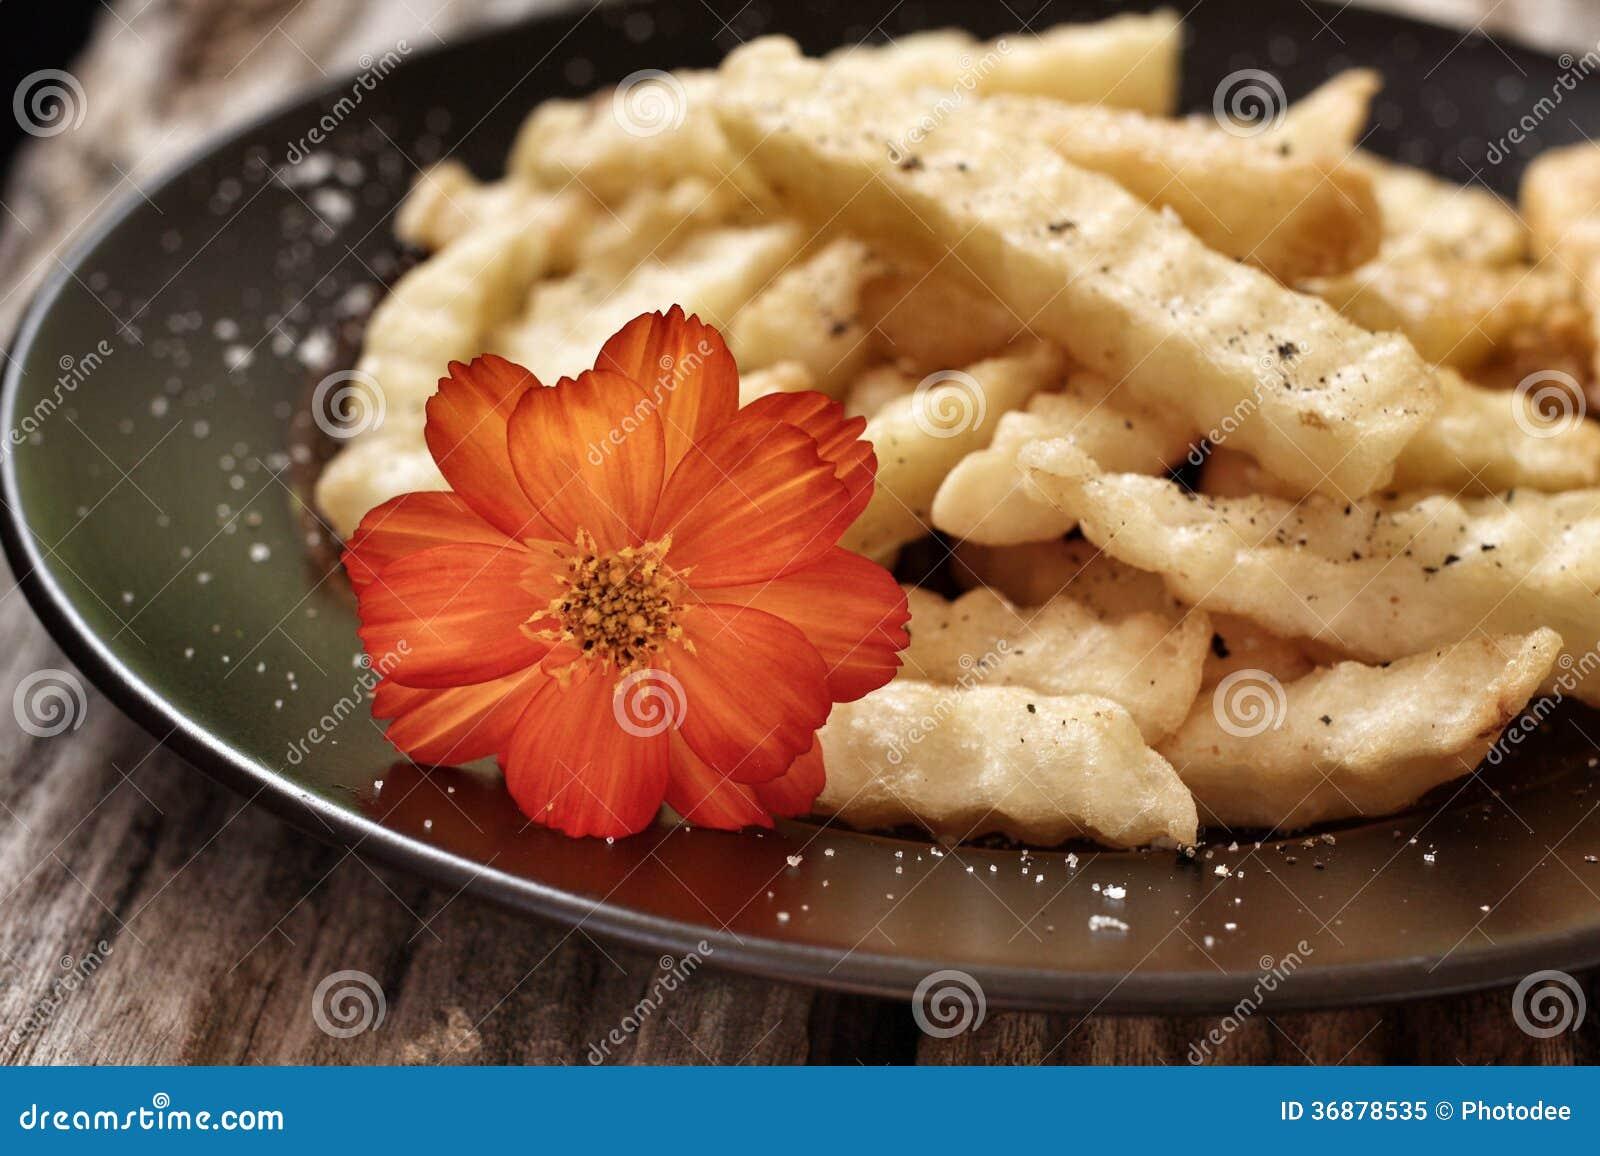 Download Patate fritte immagine stock. Immagine di americano, frigga - 36878535